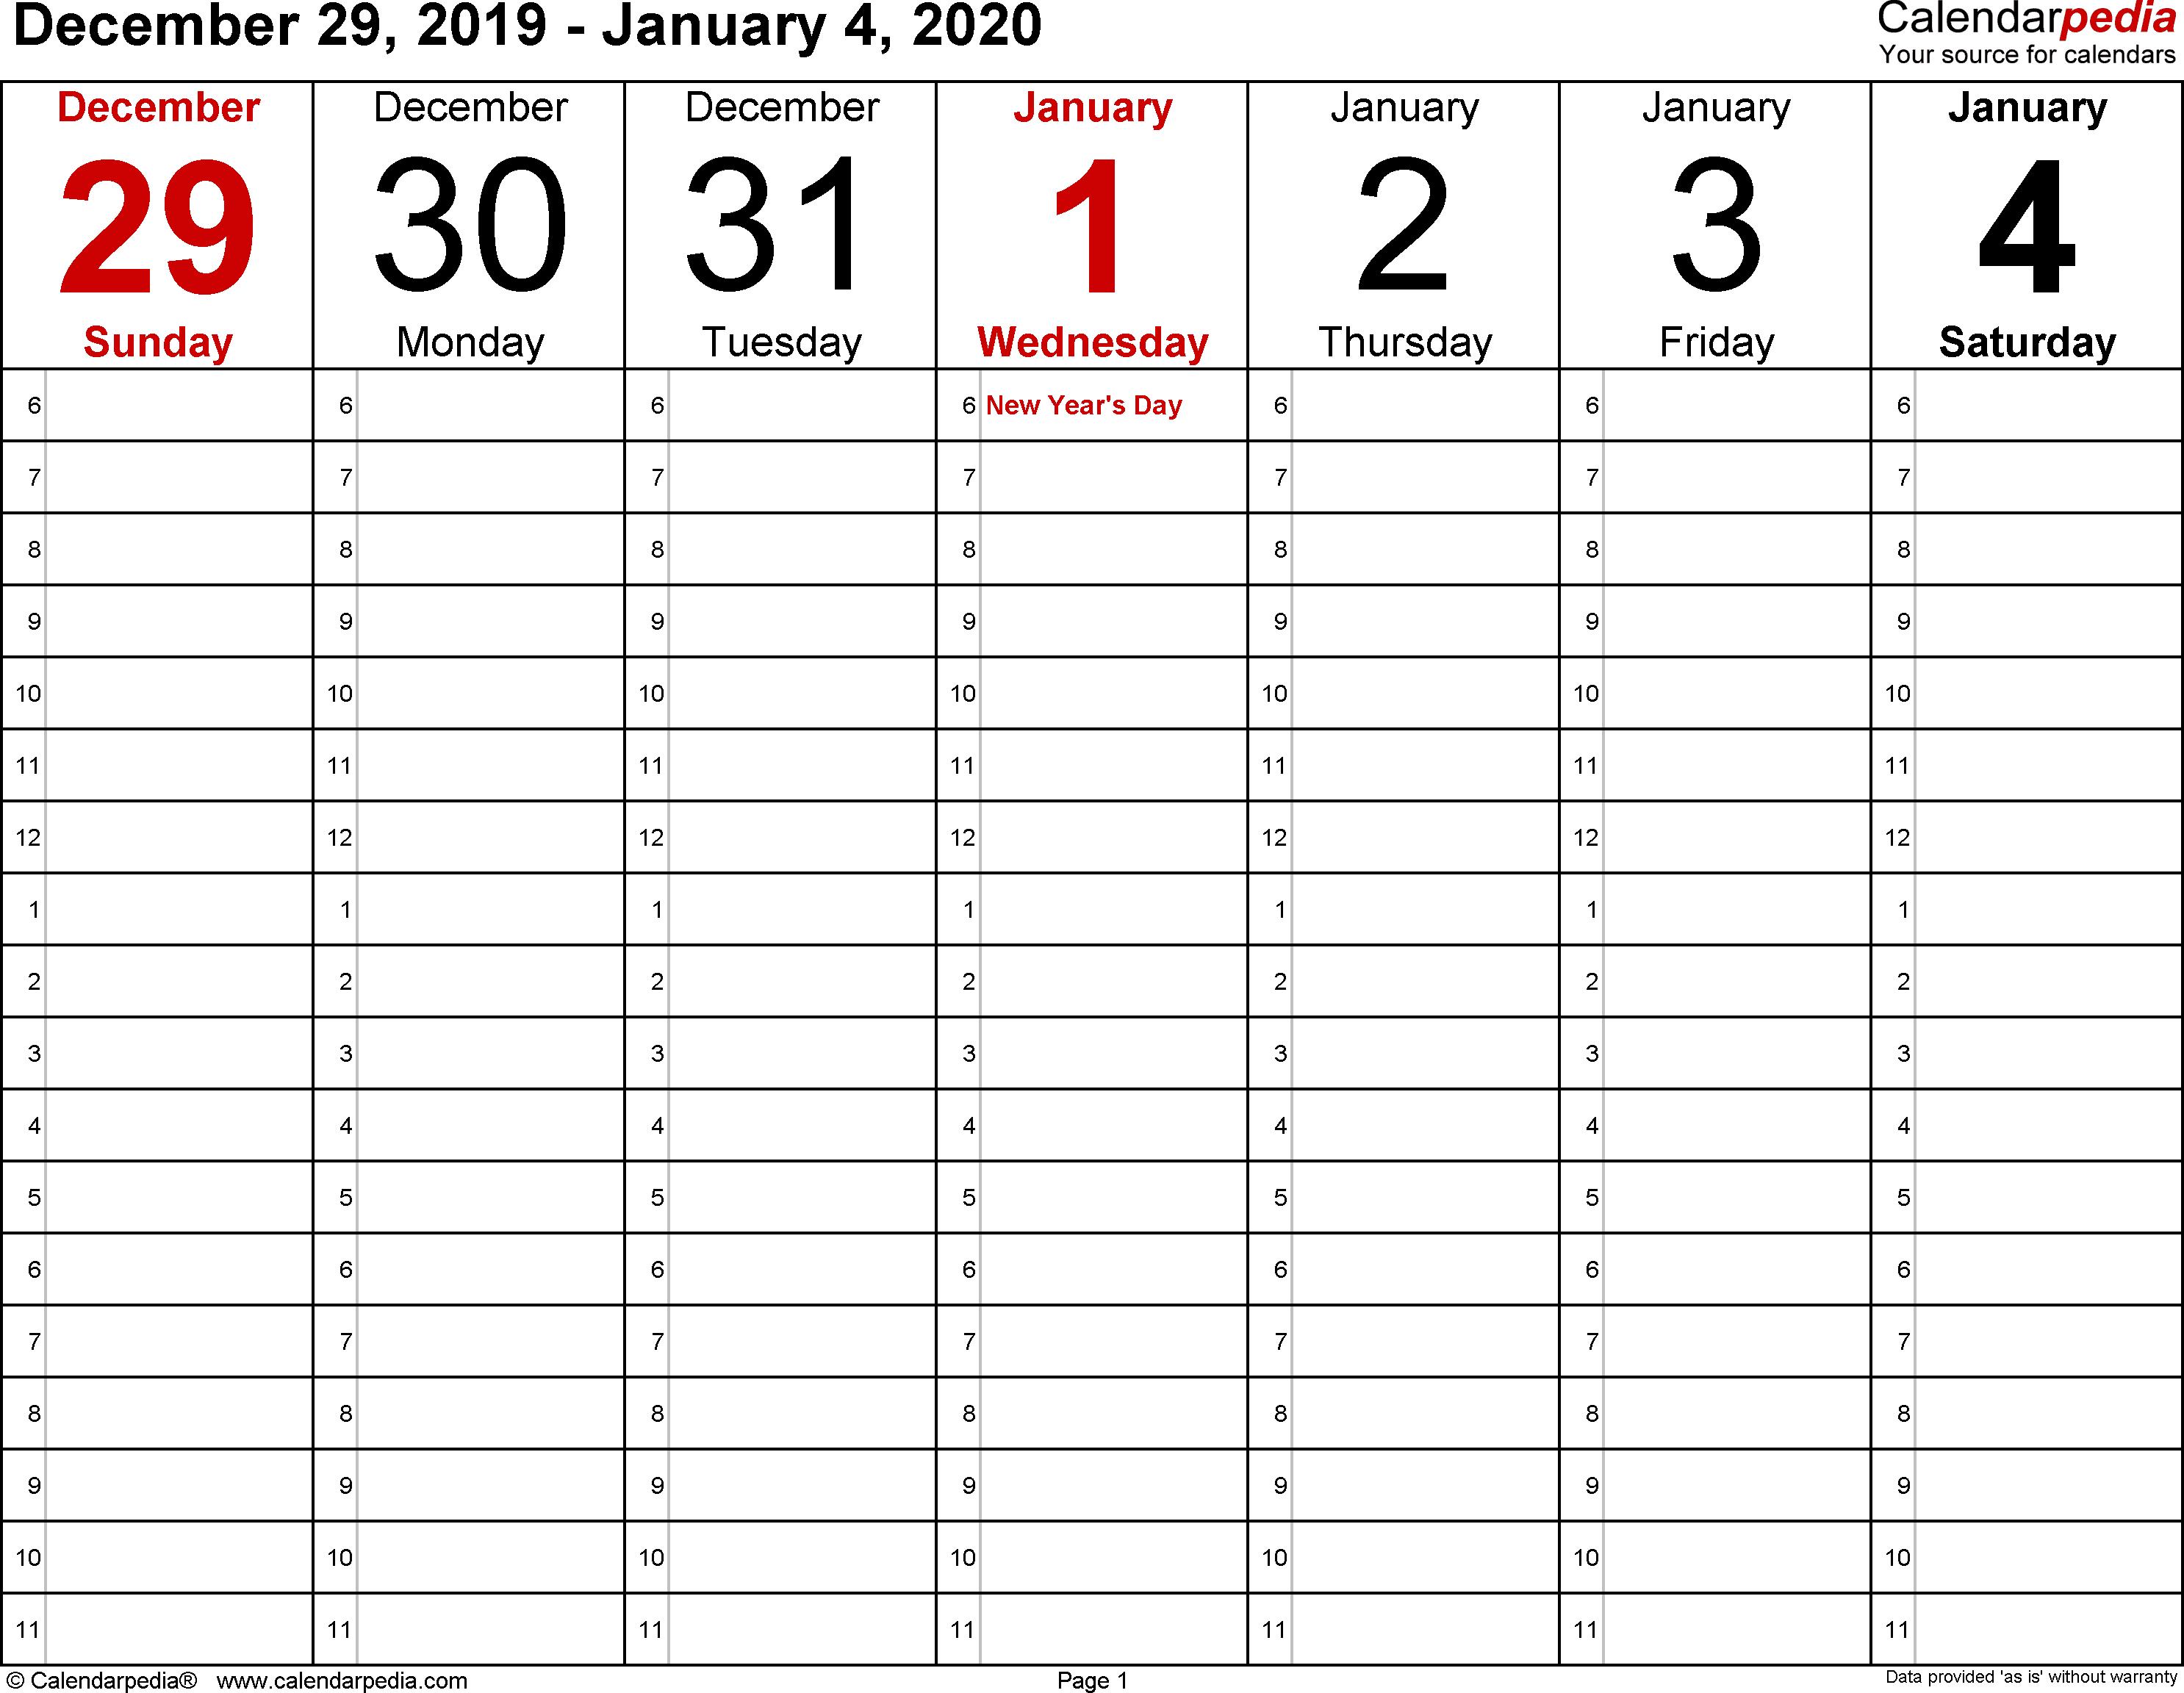 2020 Daily Calendar Printable - Wpa.wpart.co